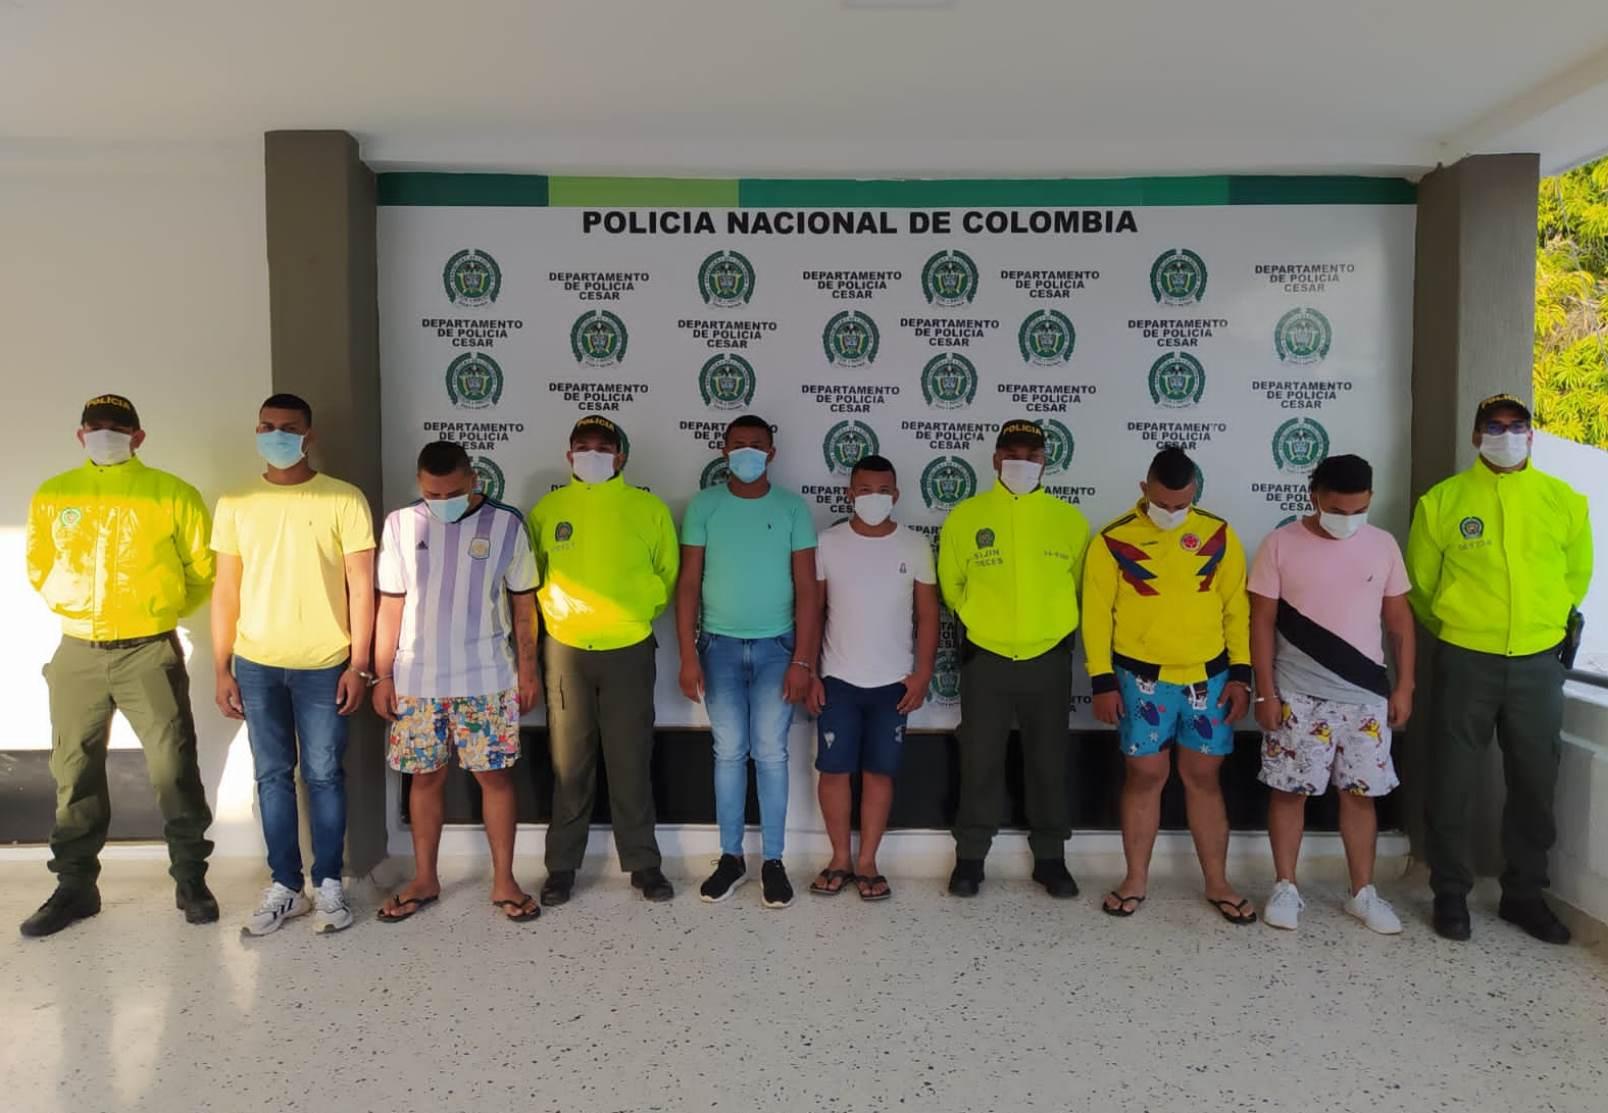 hoyennoticia.com, Desarticulada banda de atracadores en Valledupar